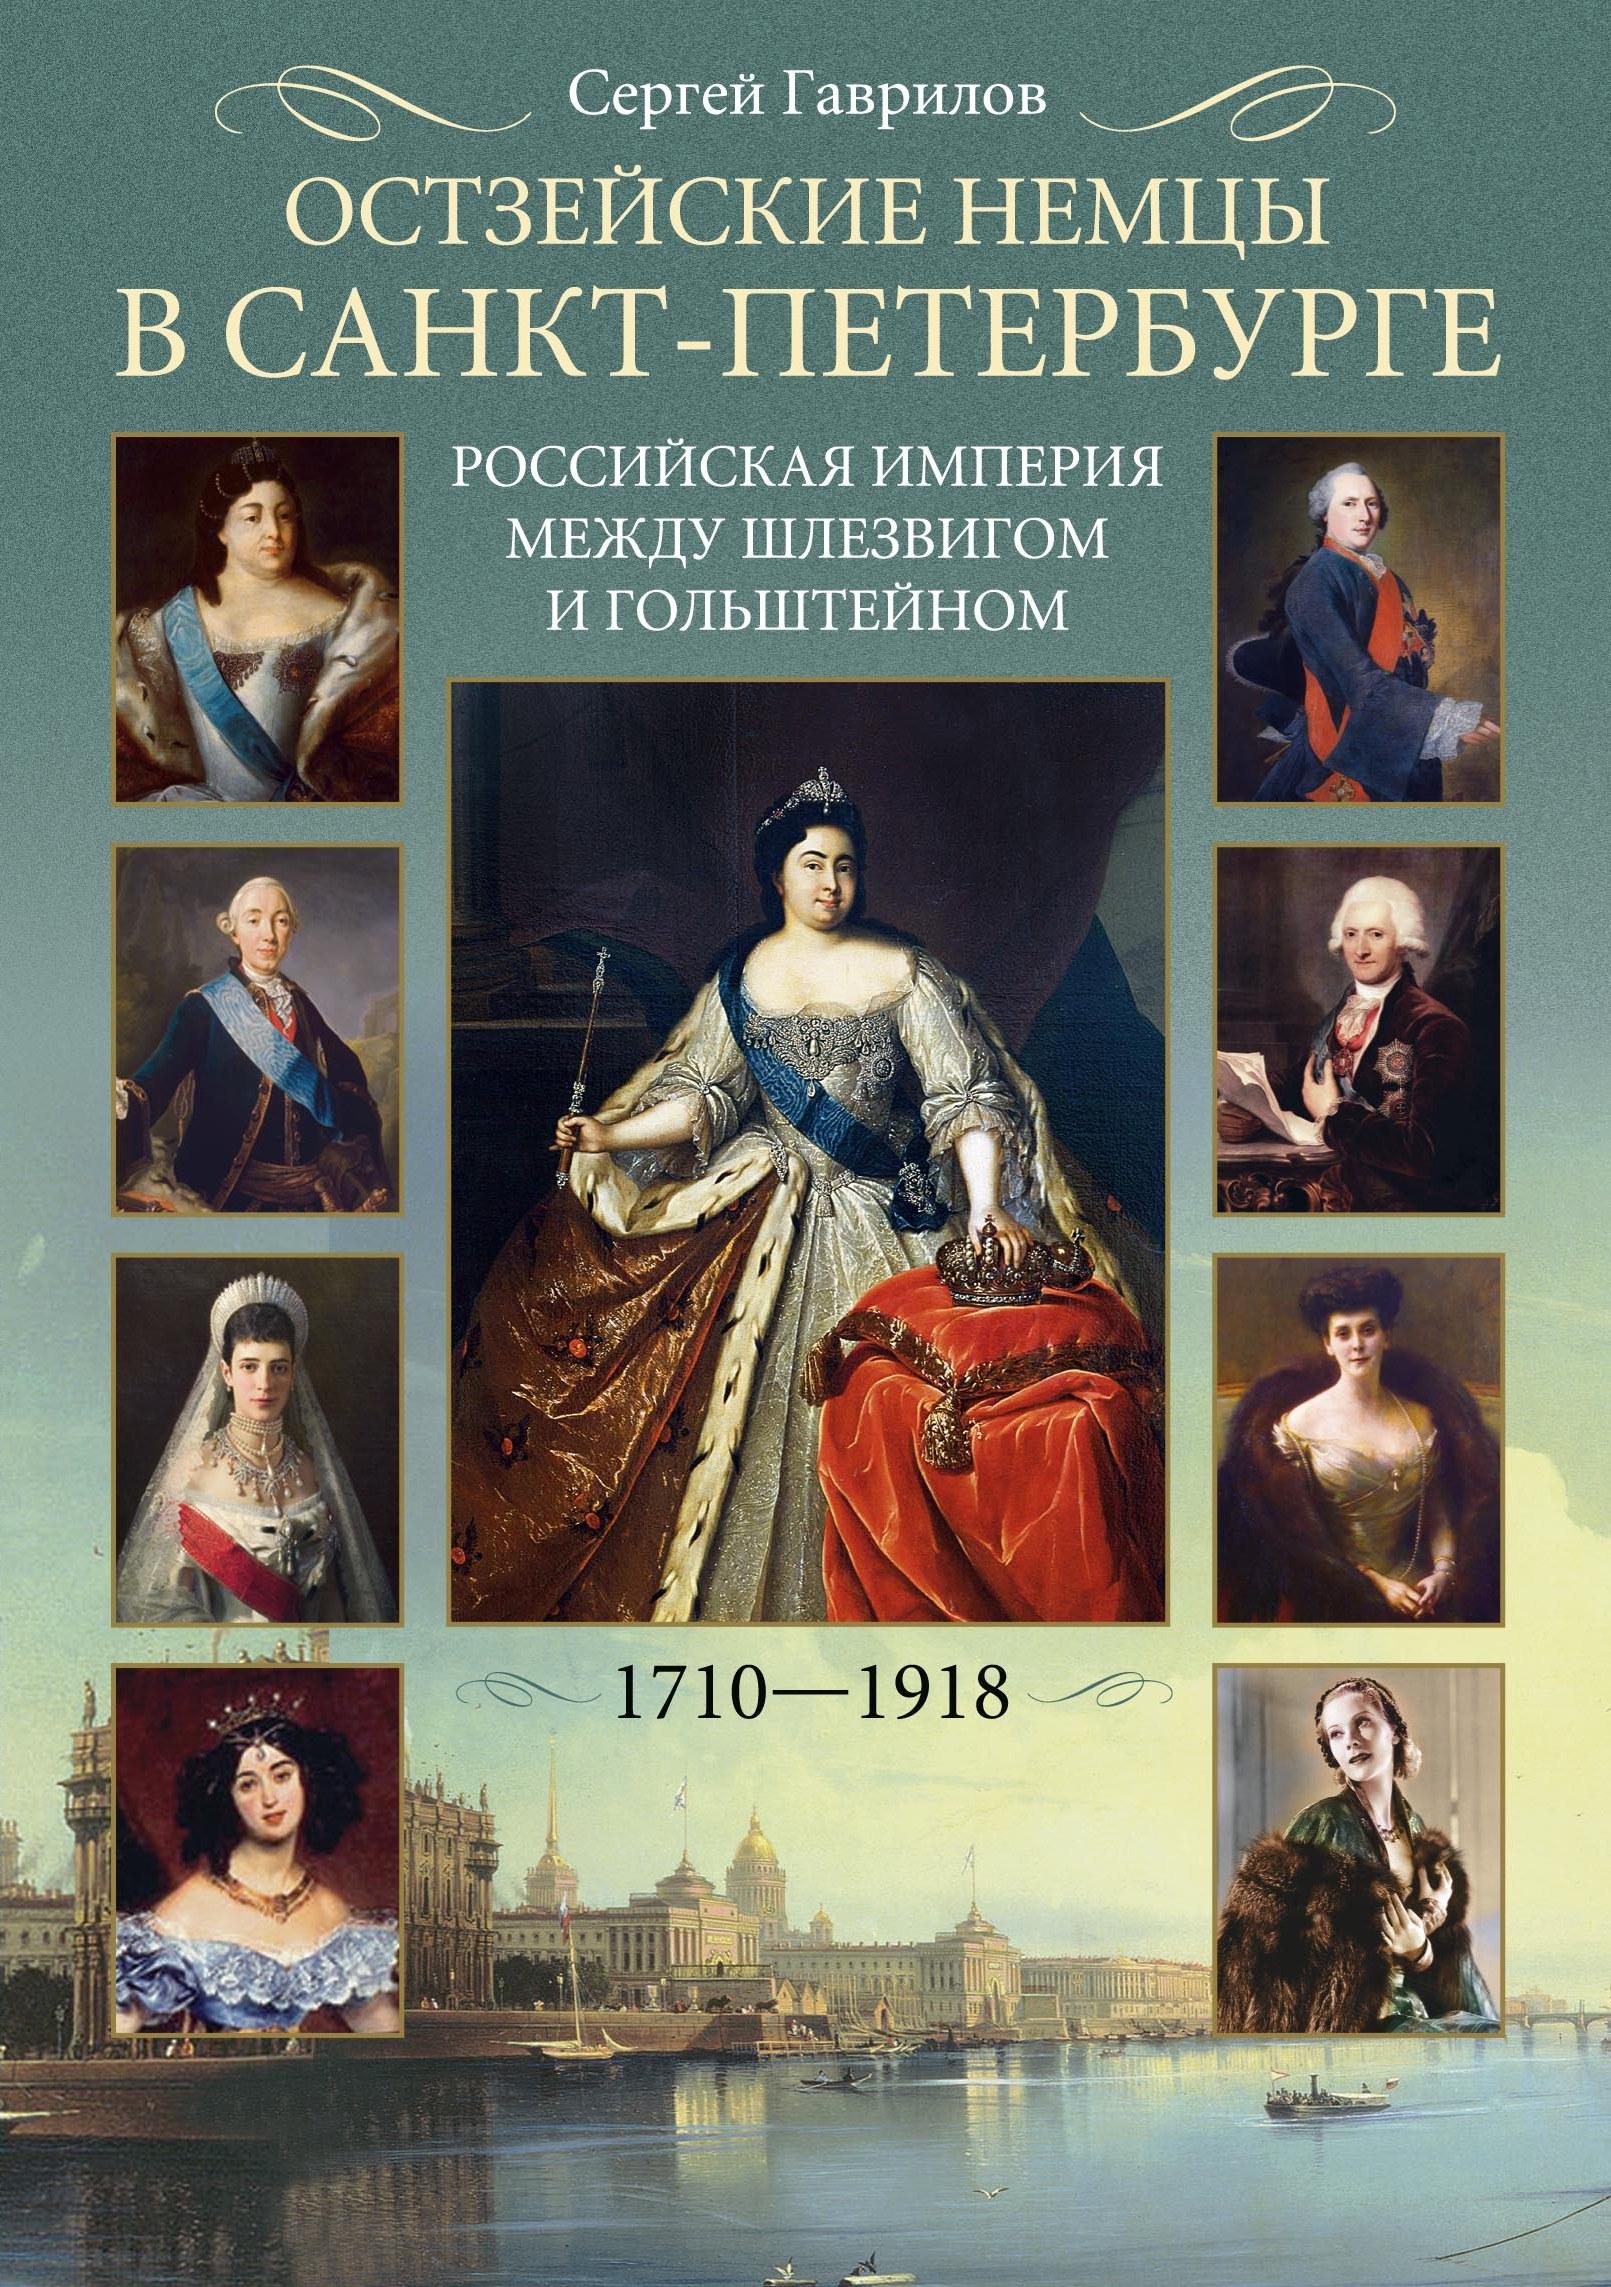 Остзейские немцы в Санкт-Петербурге. Российская империя между Шлезвигом и Гольштейном. 1710-1918